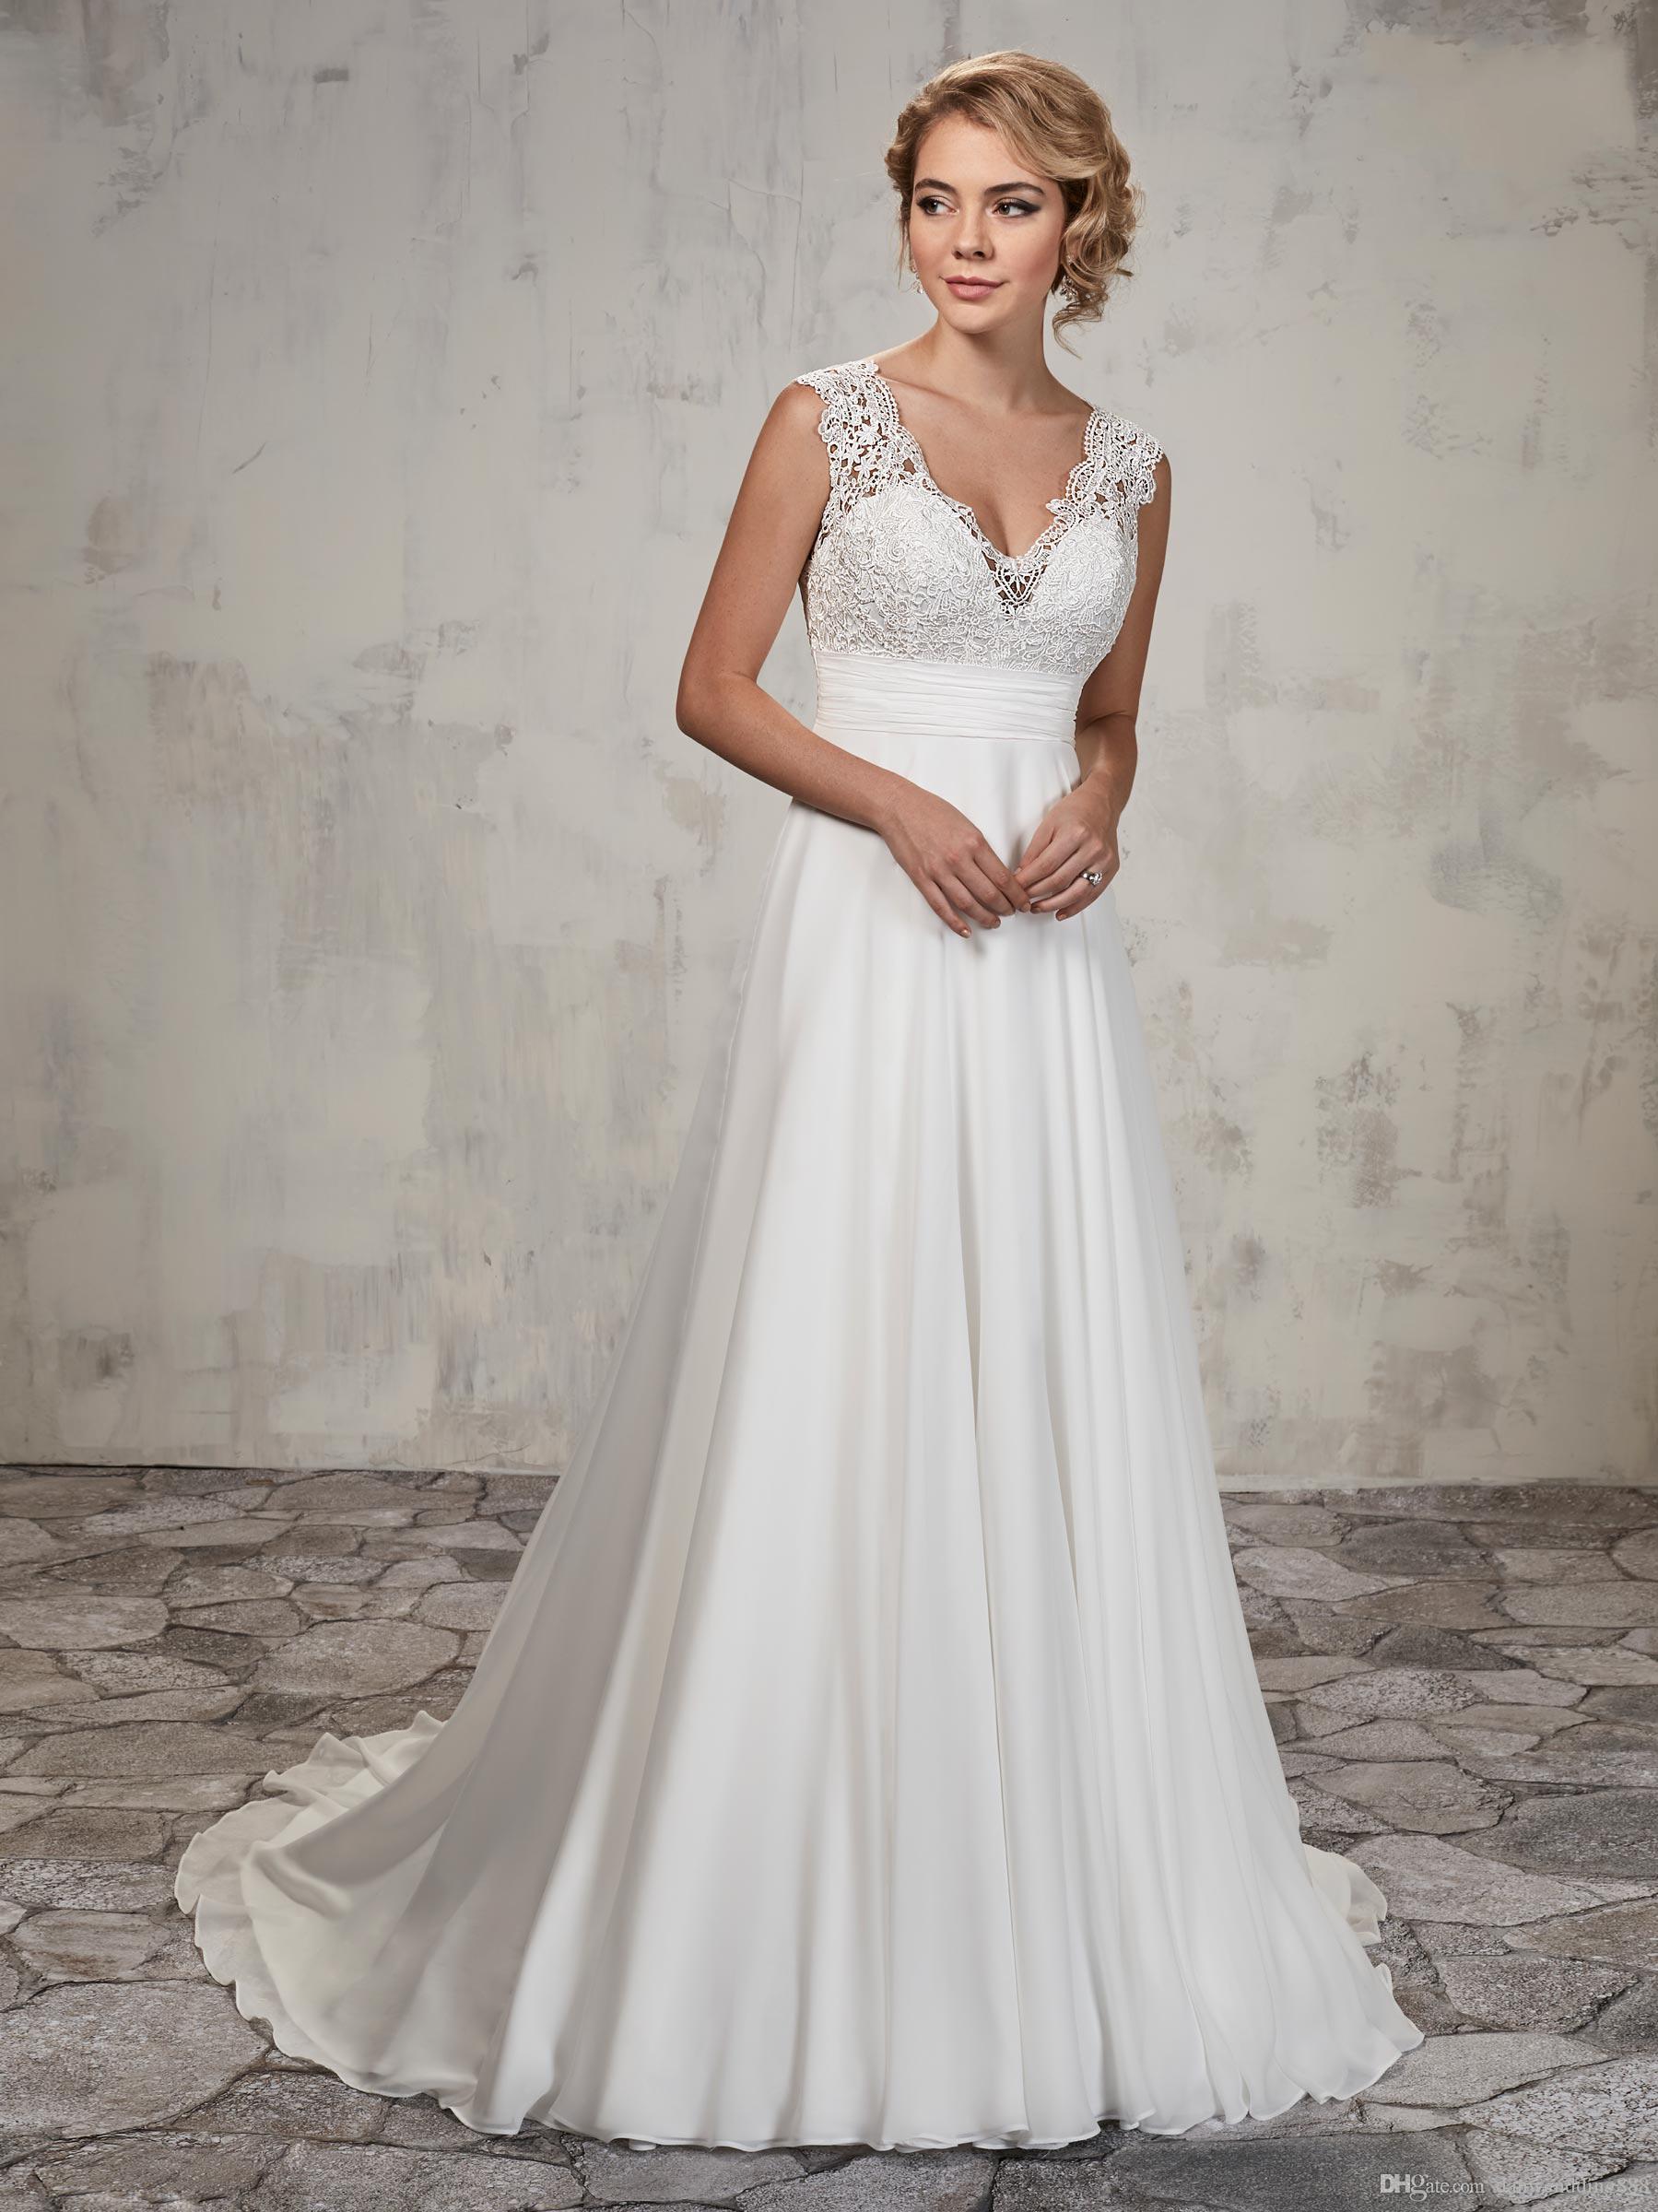 Acontecimientos de la boda de la belleza de Marfil gasa con cuello en V apliques vaina boda vestidos de novia vestidos vestidos de fiesta de encargo del tamaño 2-18 D8W089